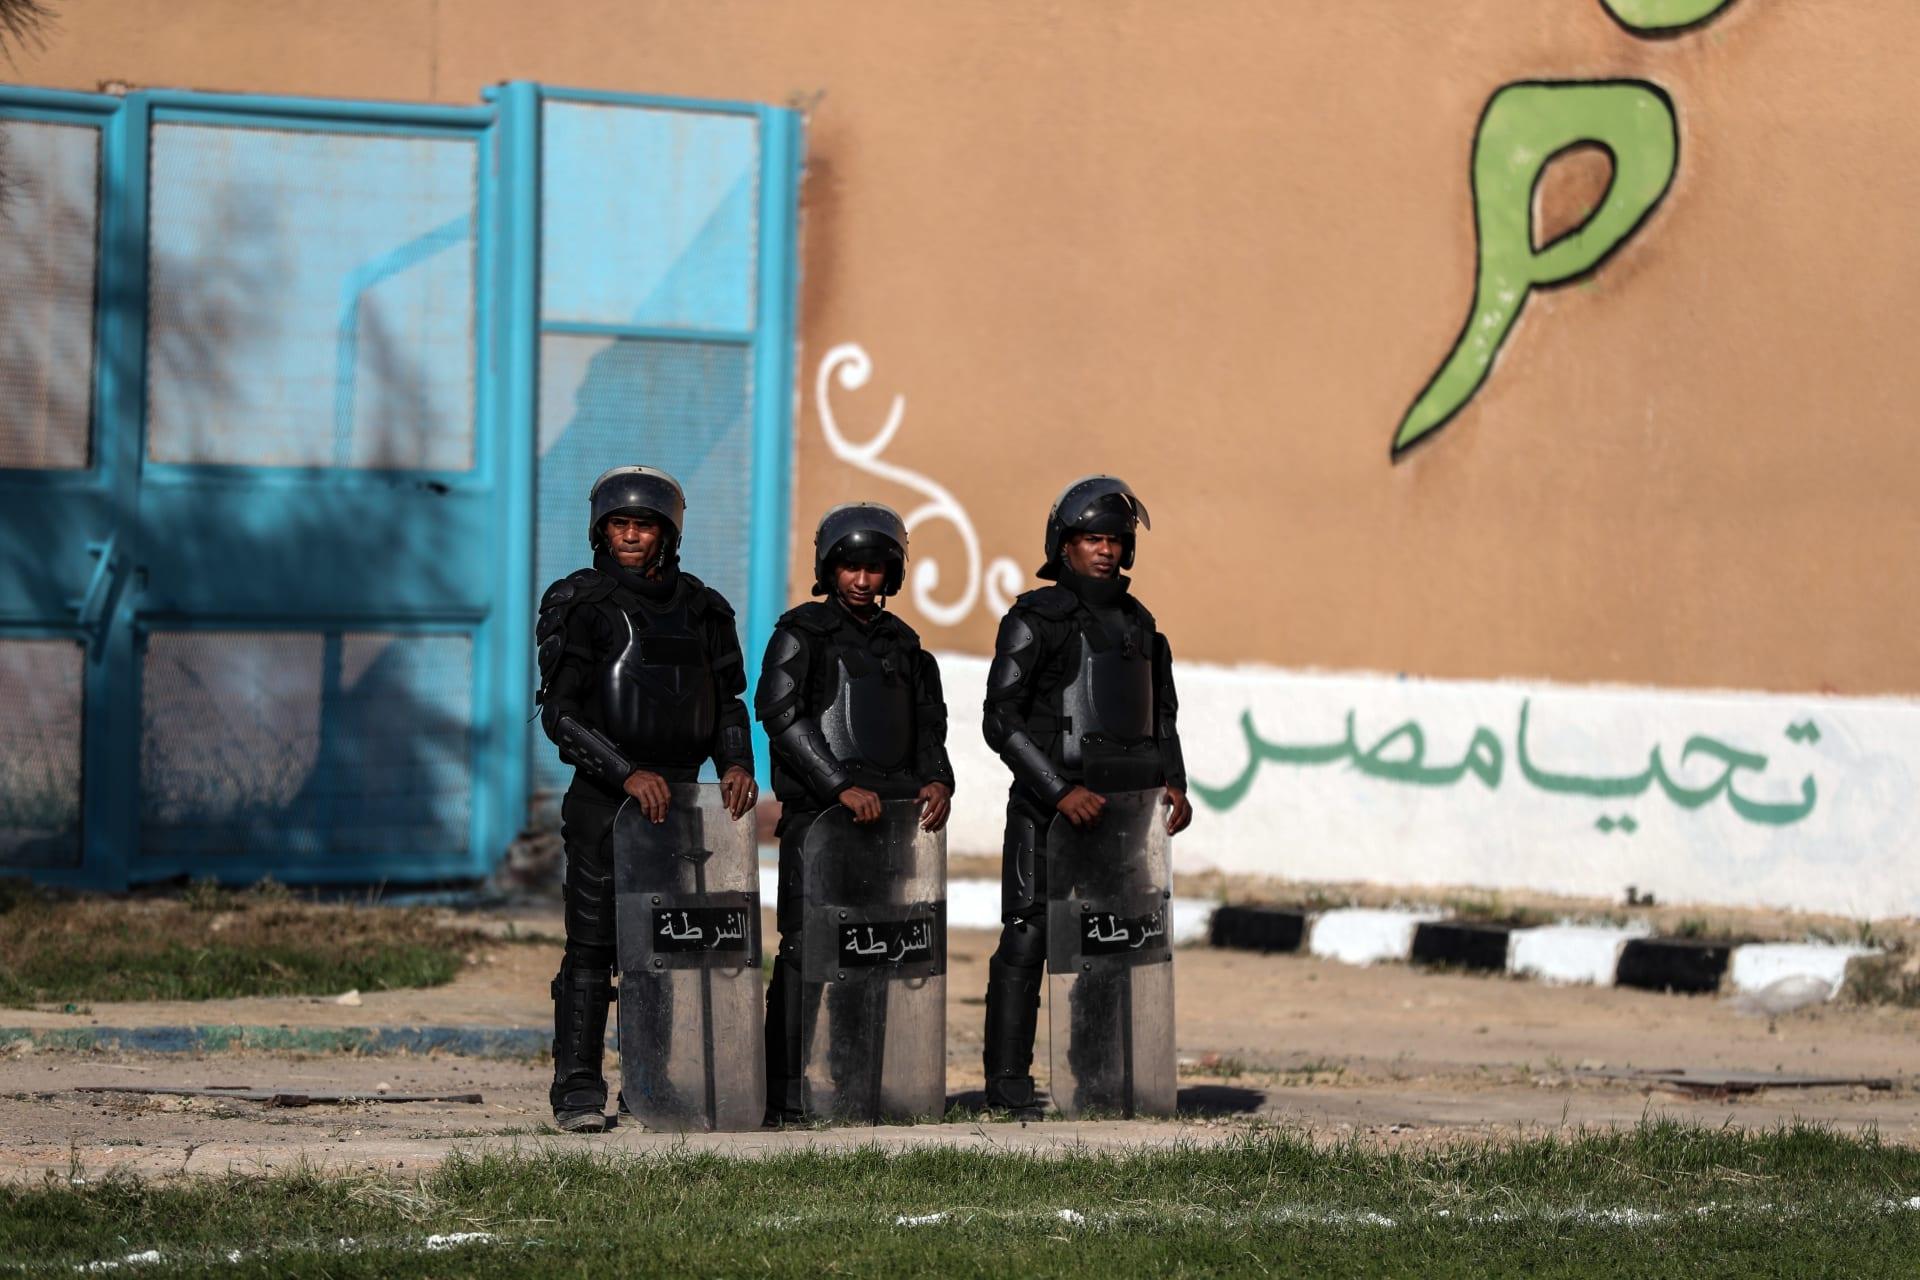 صورة أرشيفية لعناصر بالأمن المصري العام 2019